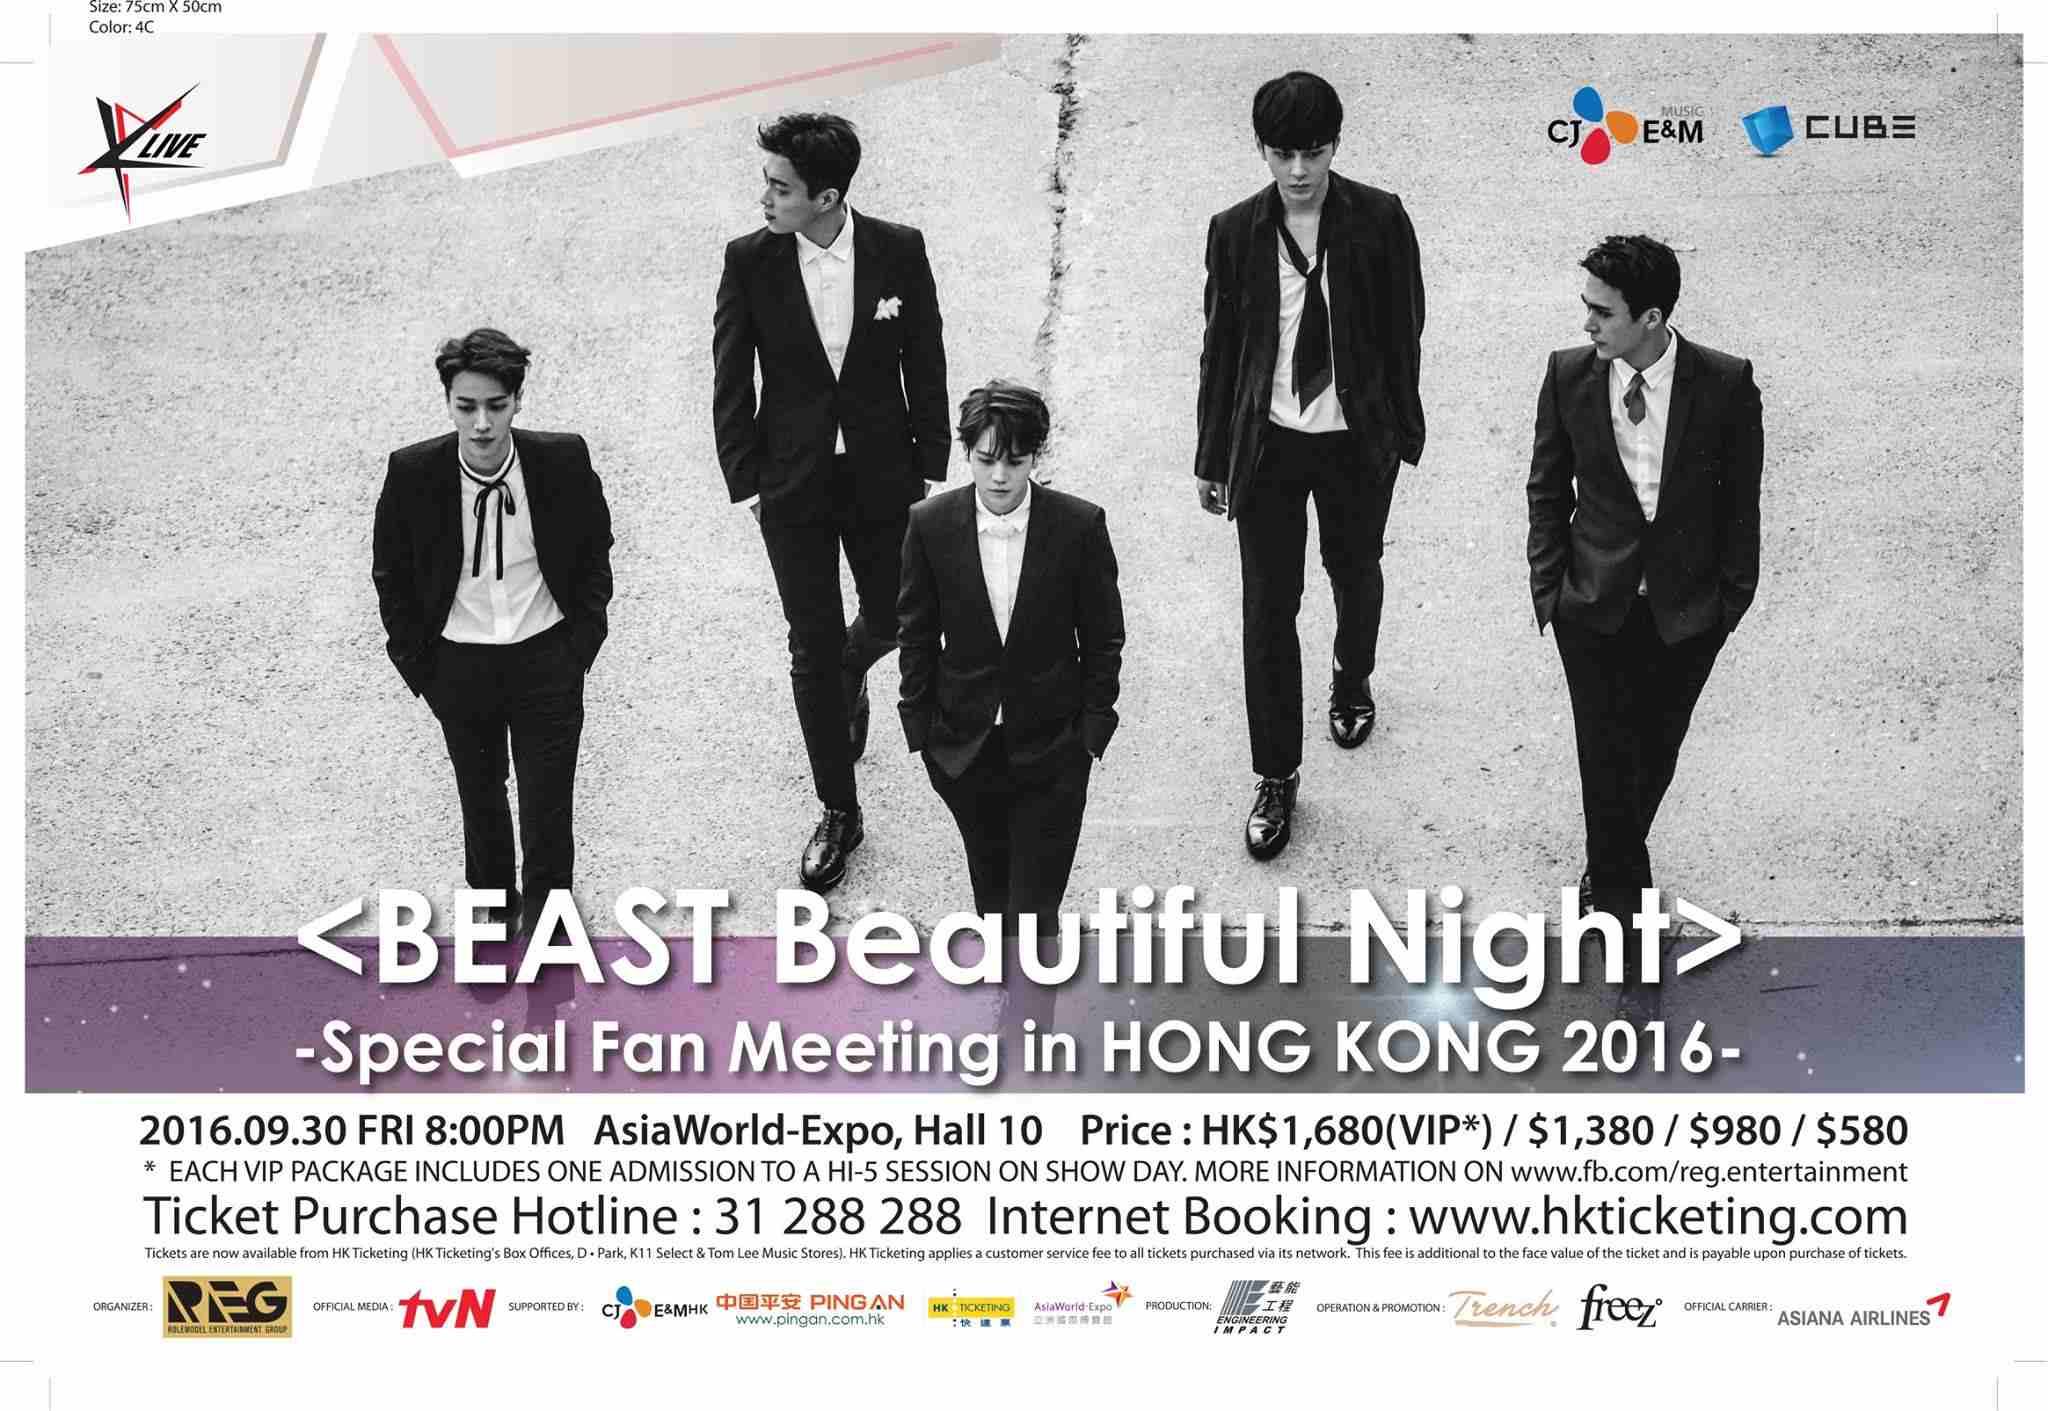 以上的粉絲可以獲得 2張($980) 9/30於香港舉辦的《Beautiful Night》見面會門票!只要能見到Beast,不論哪天都會是Beautiful Night無誤啊~